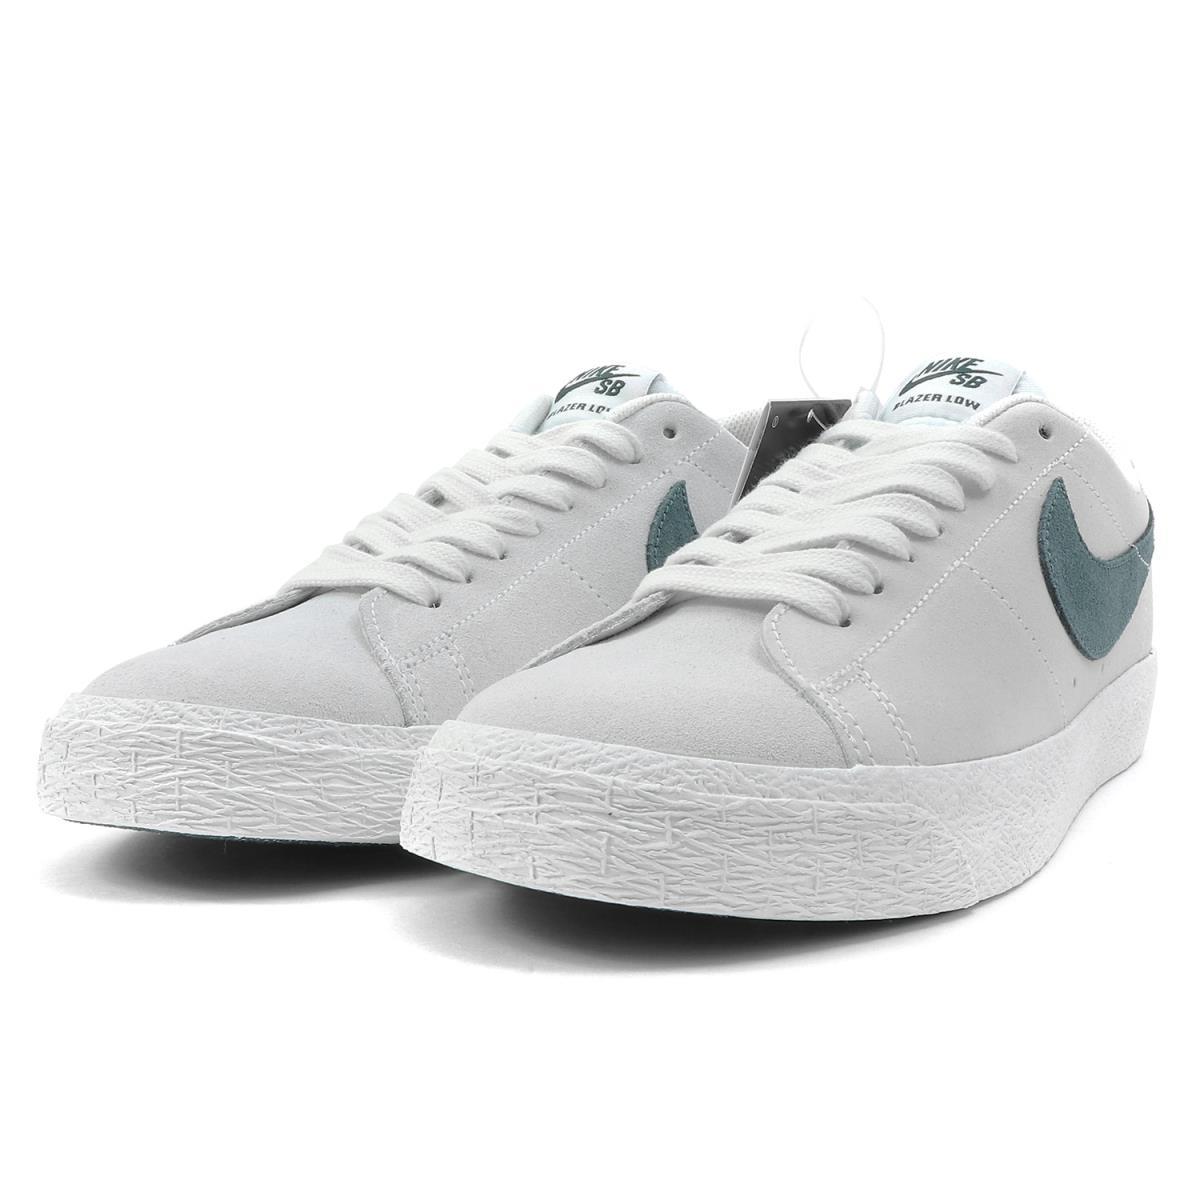 lowest price 0efe2 9447d NIKE (Nike) SB ZOOM BLAZER LOW (864,347-101) summit white X deep jungle  US8.5(26.5cm)